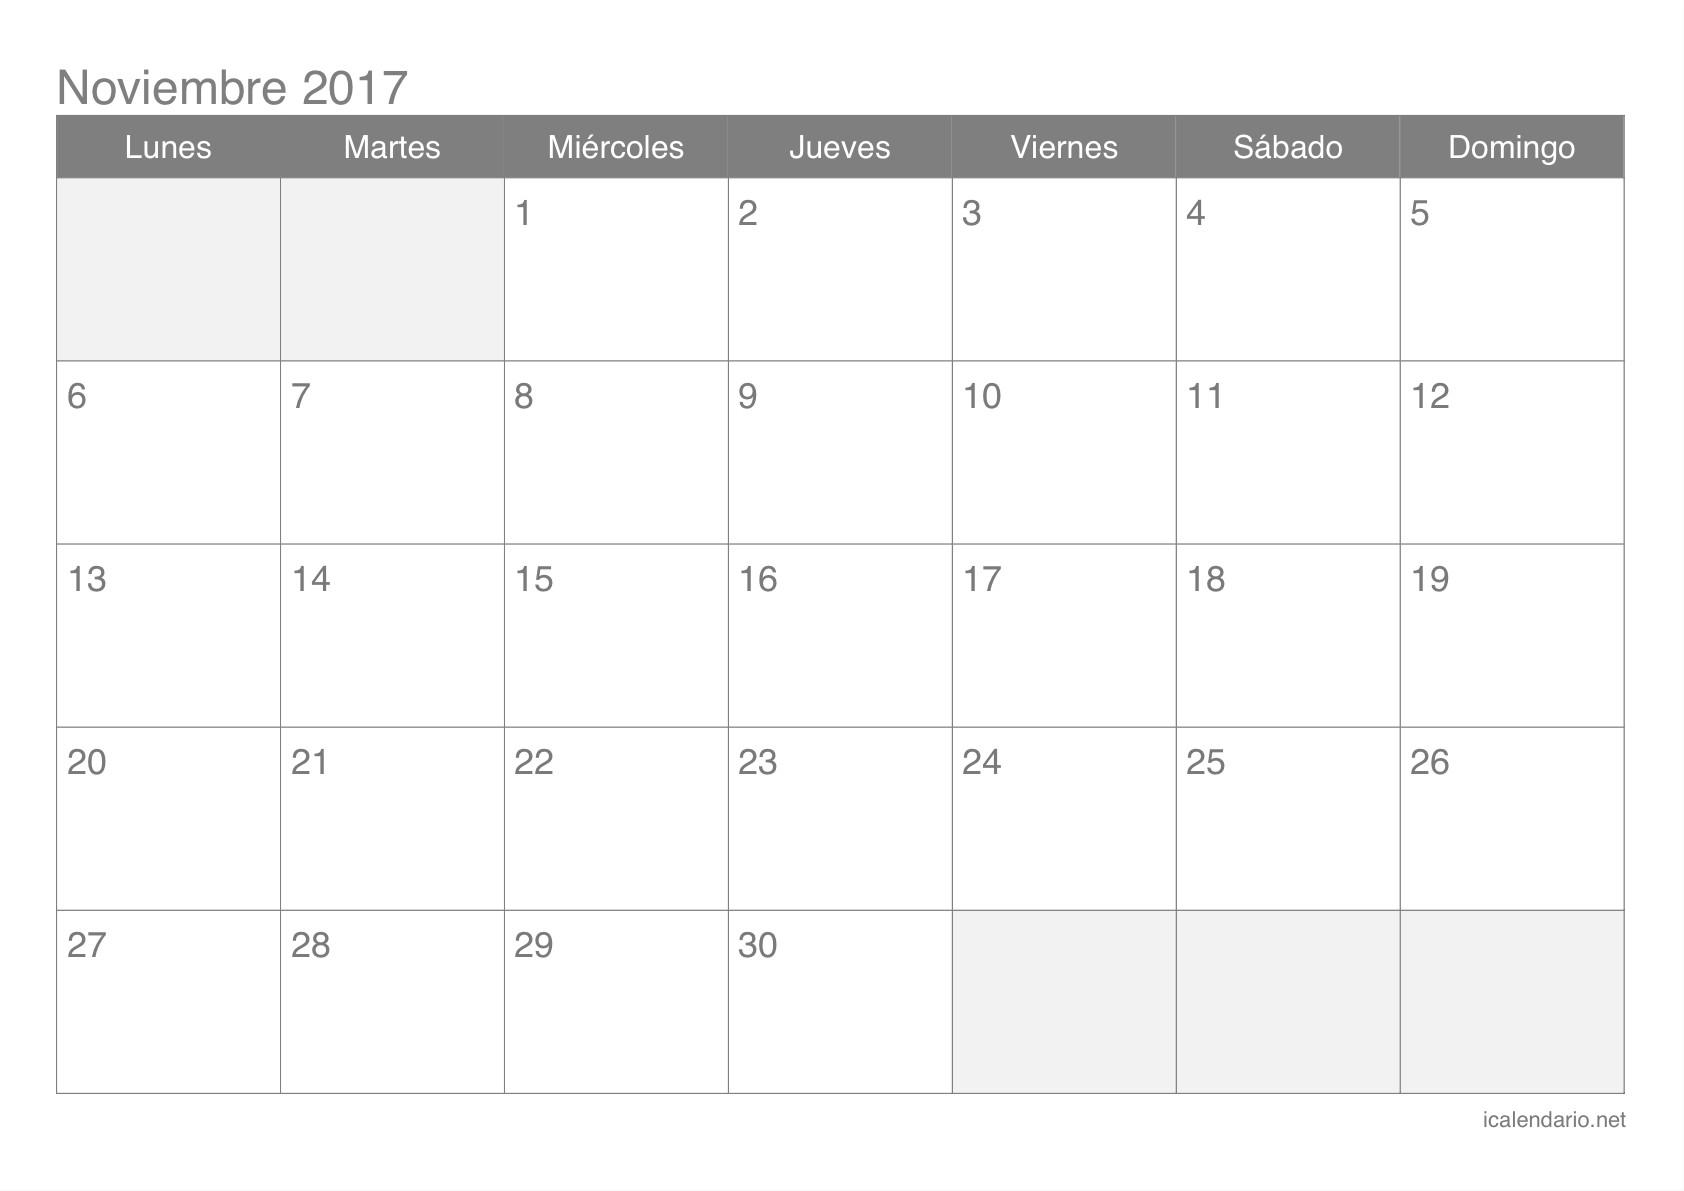 Calendario 2019 Chile Para Imprimir Actual 2019 2018 Calendar Printable with Holidays List Kalender Kalendar Of Calendario 2019 Chile Para Imprimir Más Recientes Calendario Octubre 2015 Para Imprimir 2017 Vector Calendar In